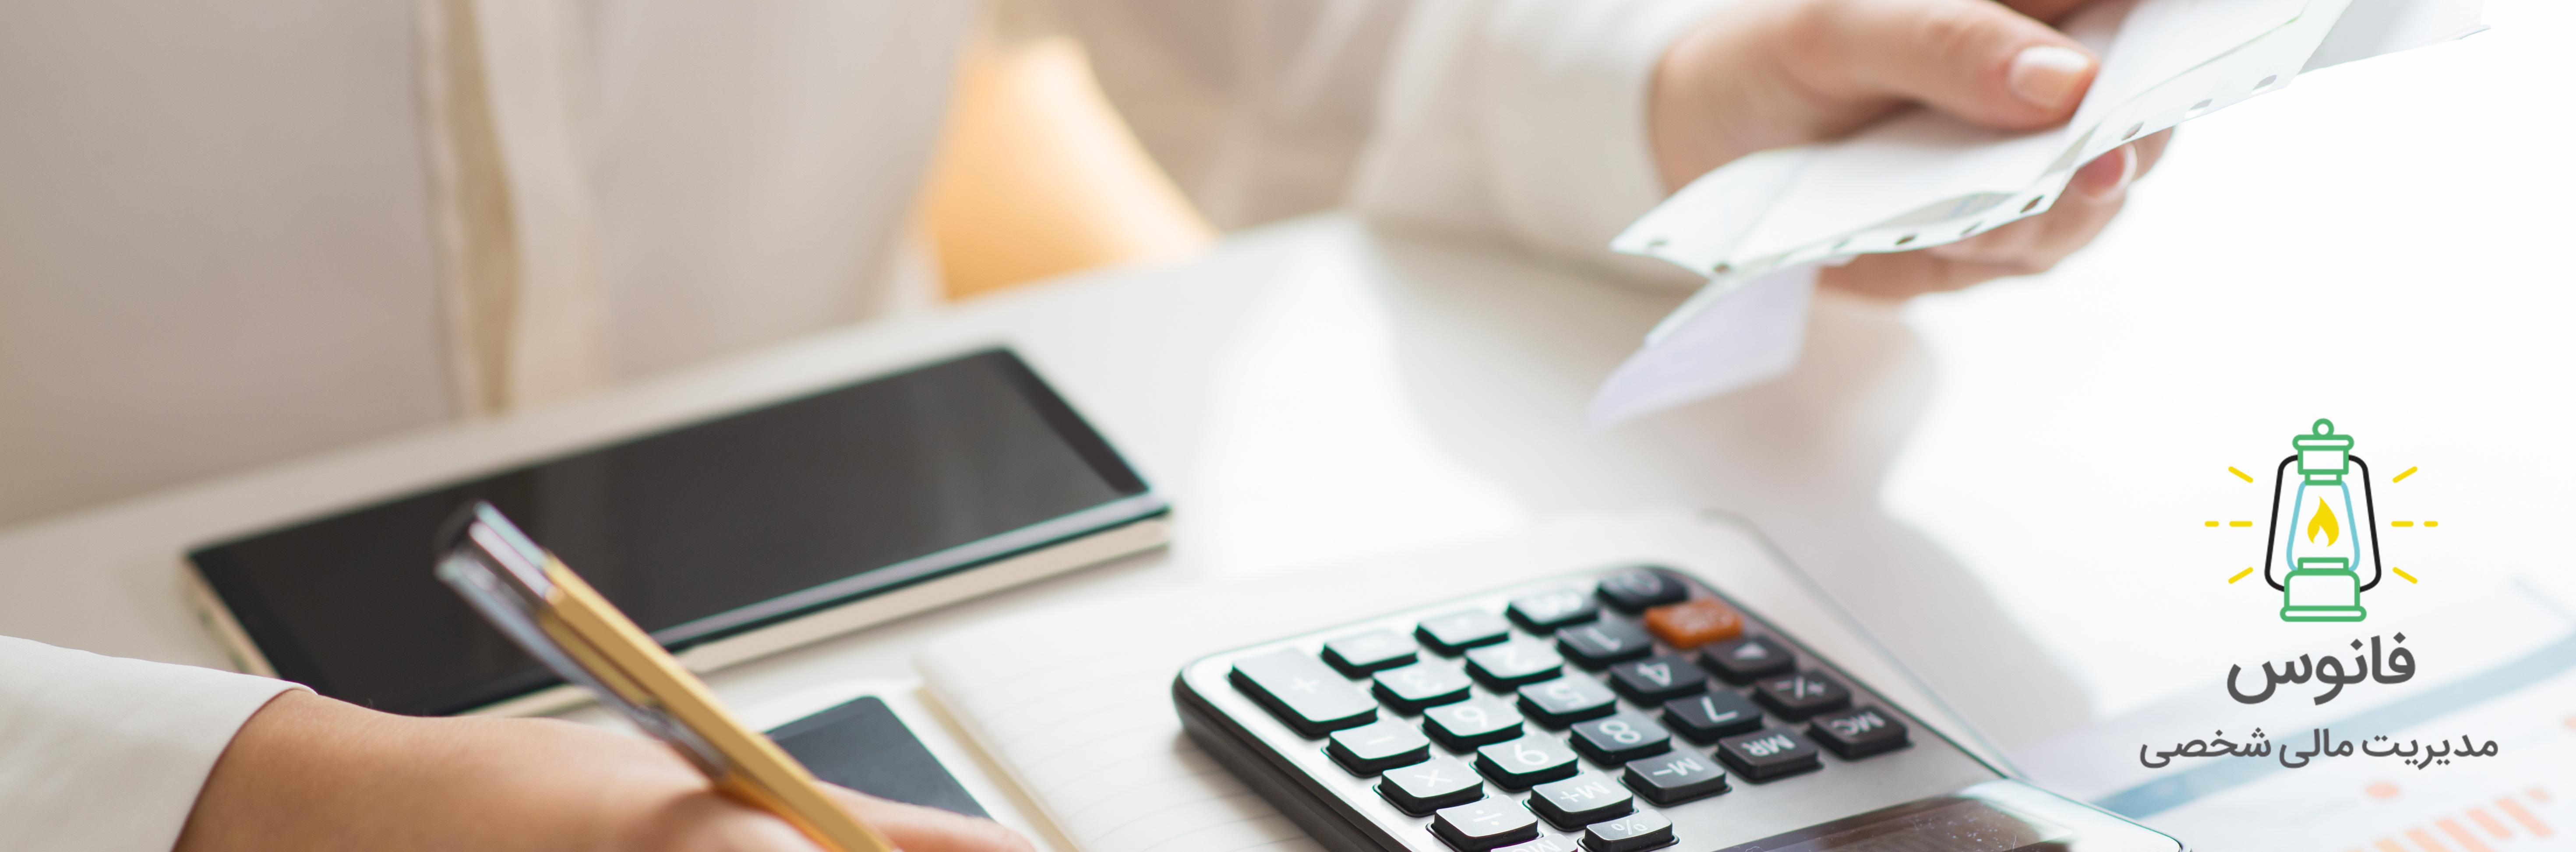 حساب دخل و خرج خود را داشته باشید